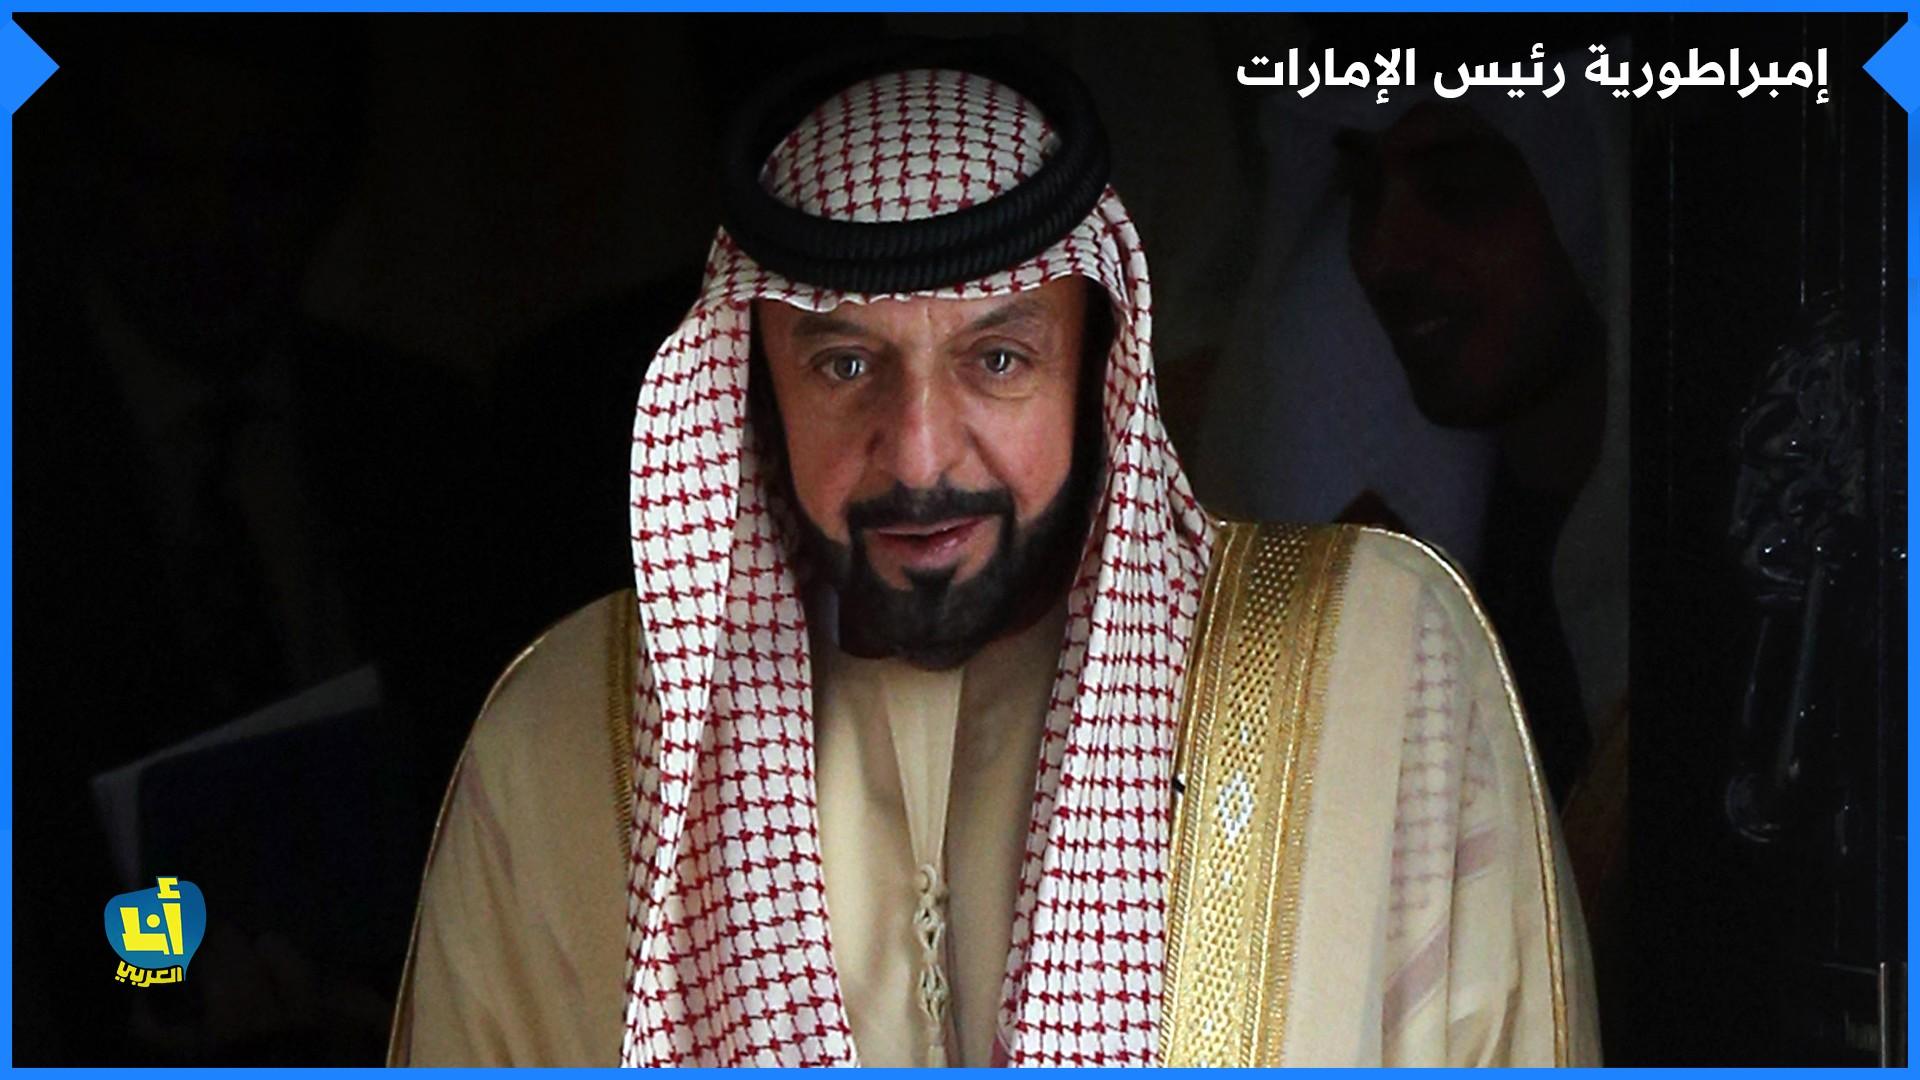 إمبراطورية رئيس الإمارات